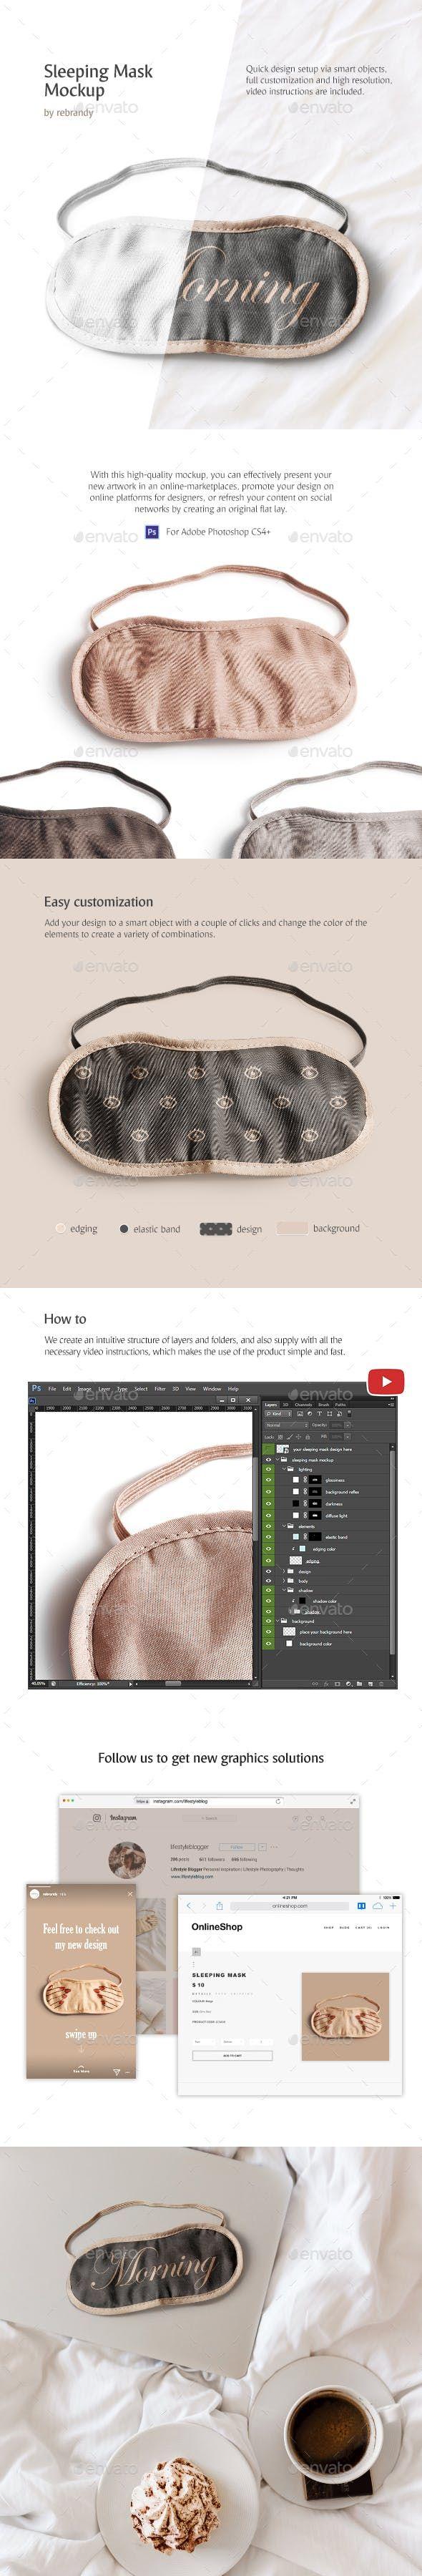 Download Sleeping Mask Mockup Sleep Mask Mockup Mask Design